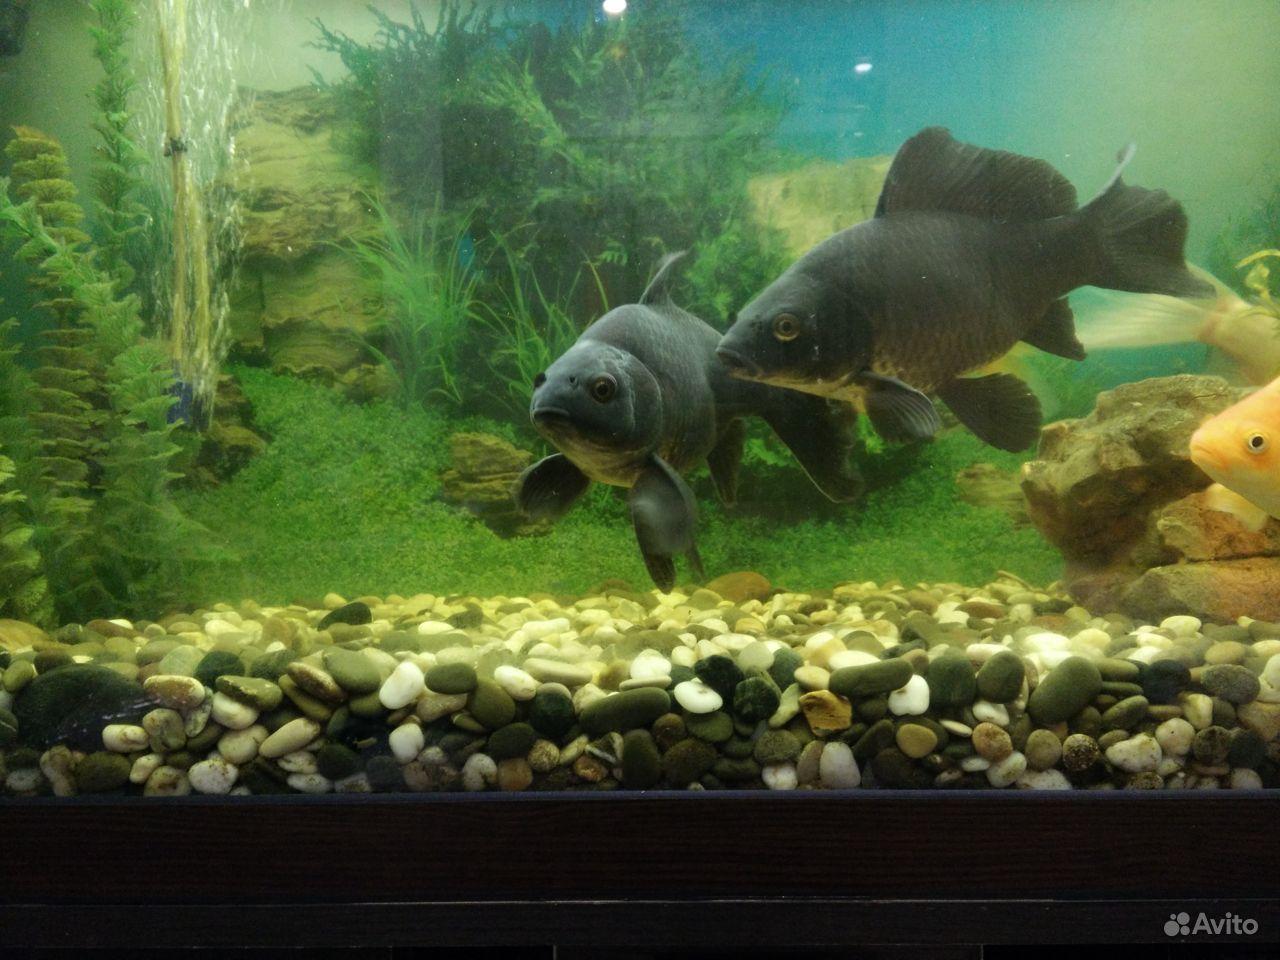 Коллекционные золотые рыбки купить на Зозу.ру - фотография № 3